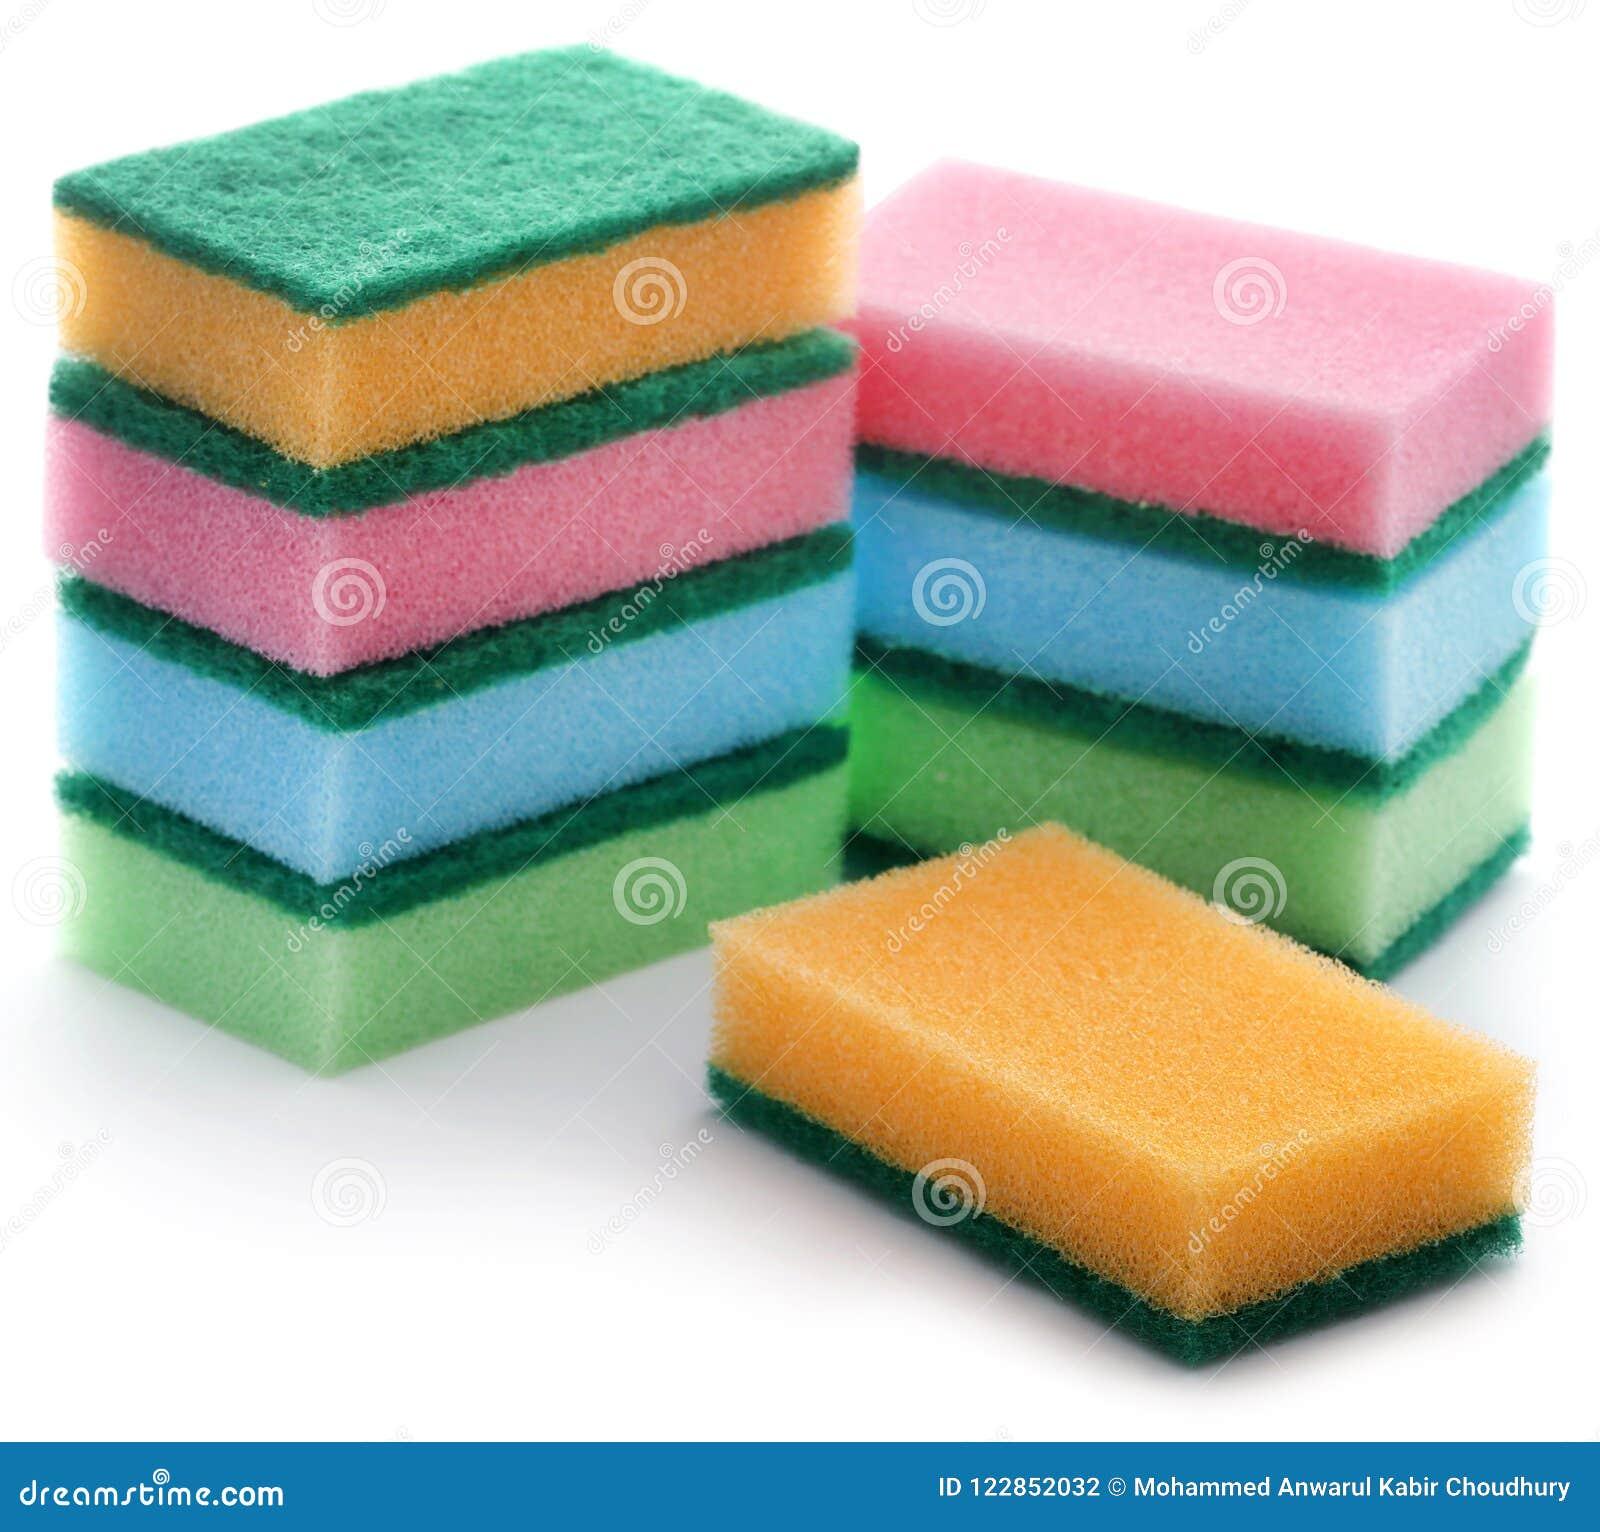 Kitchen sponge with scotch brite